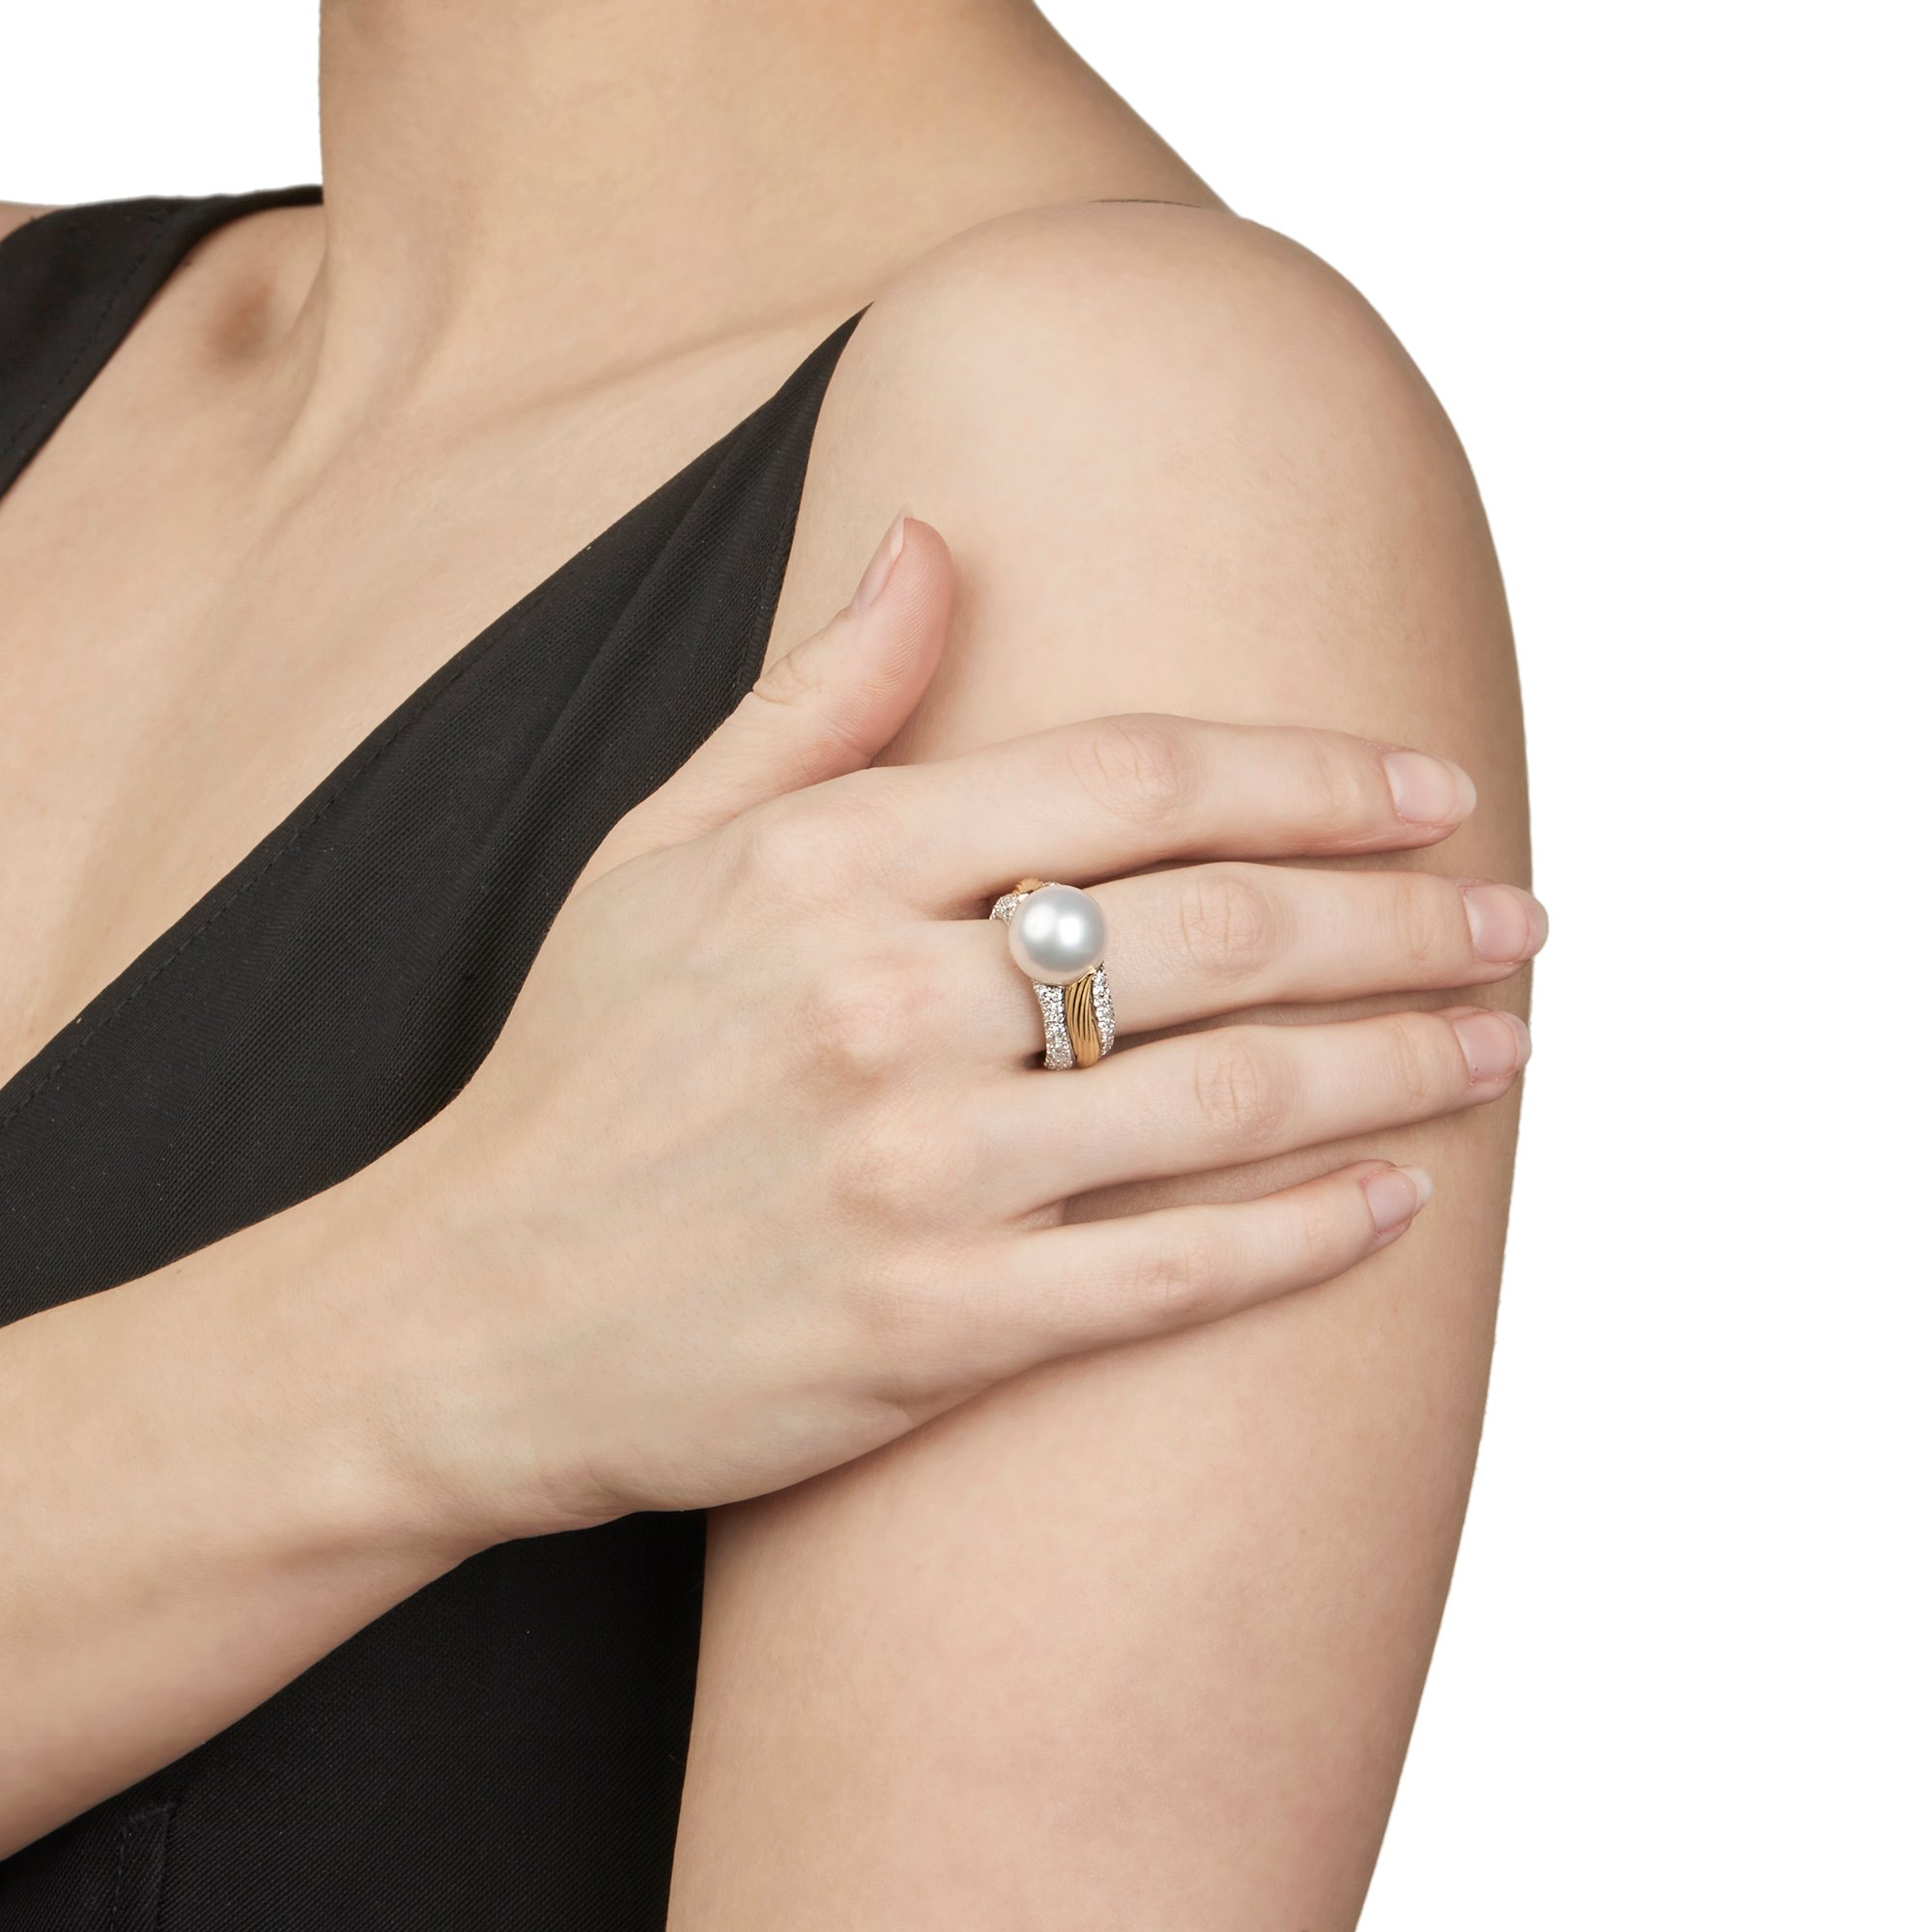 Mikimoto 18k White & Yellow Gold Akoya Pearl & Diamond Cocktail Ring